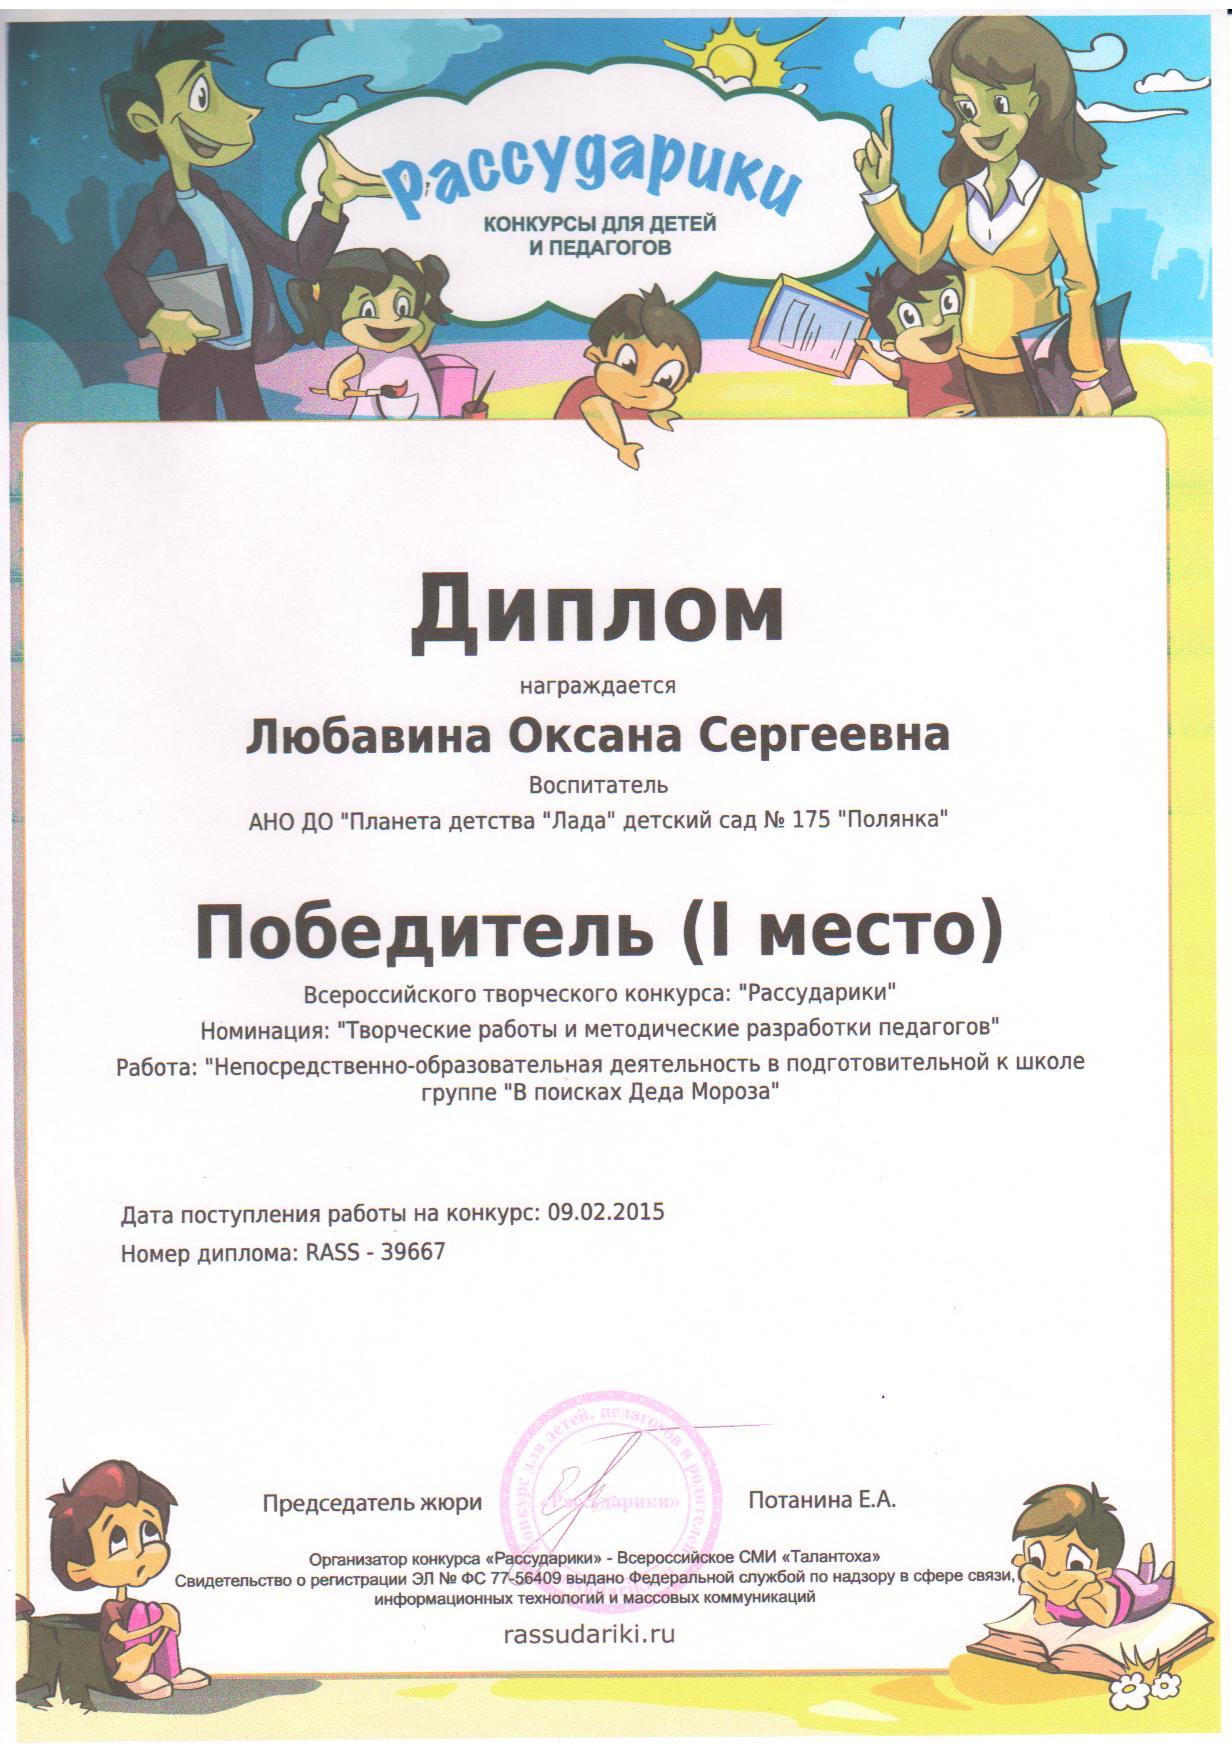 Международные конкурсы для детей быстрые